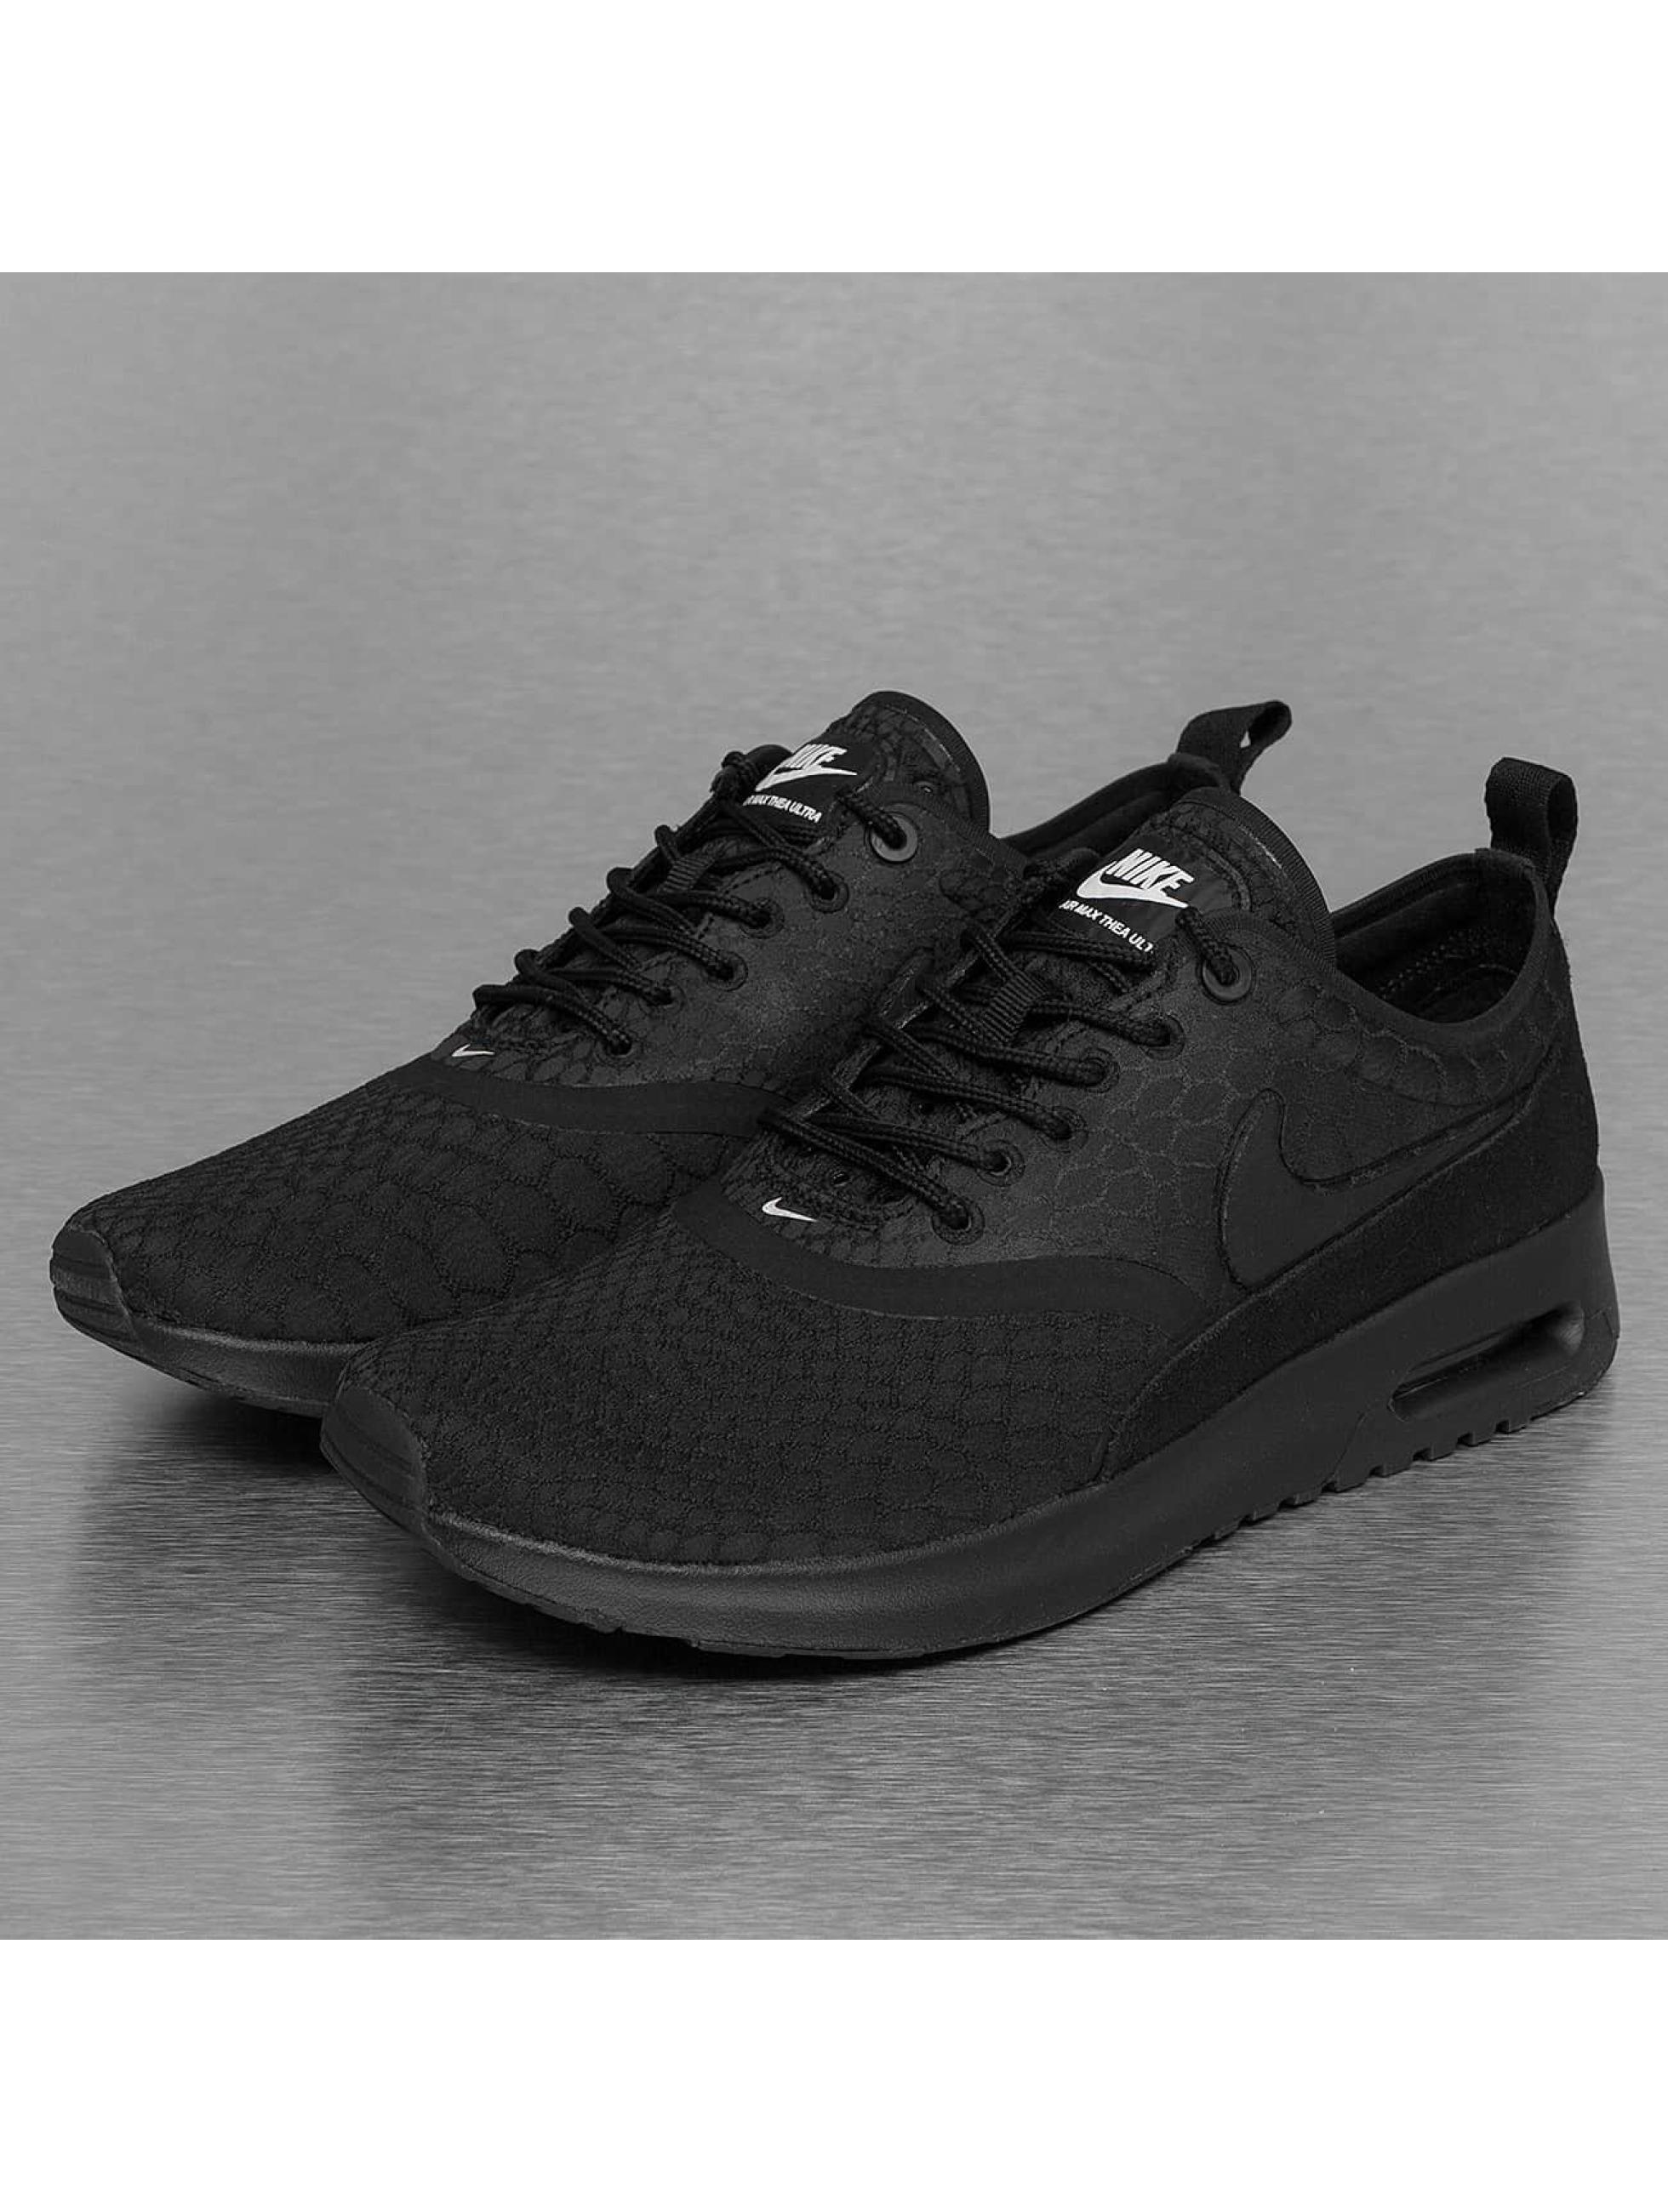 85c1c883b5714 Nike Chaussures   Baskets W Air Max Thea Ultra SE en noir 295291